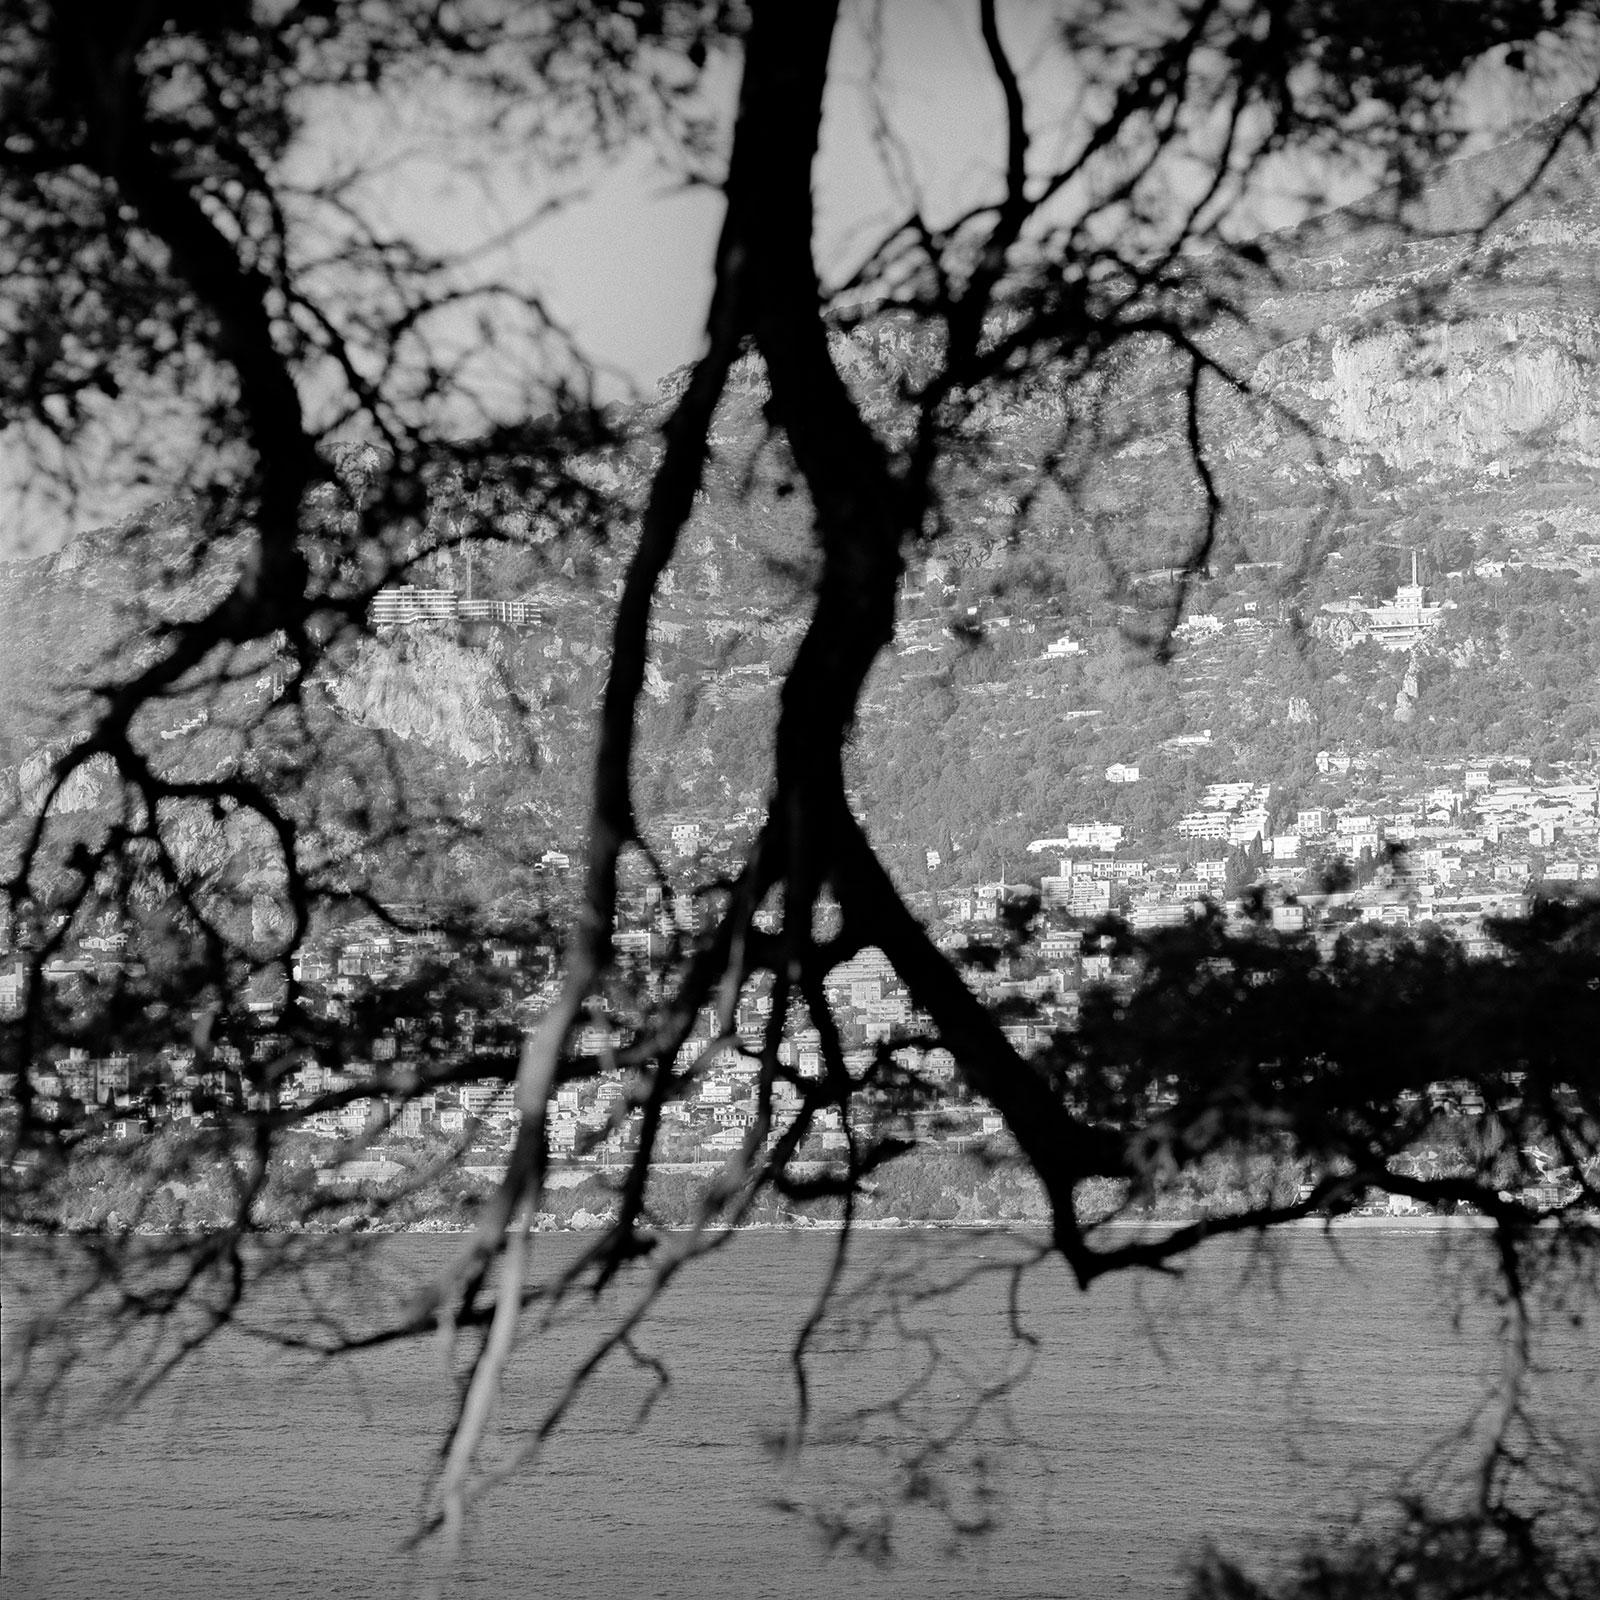 Roquebrune Cap Martin